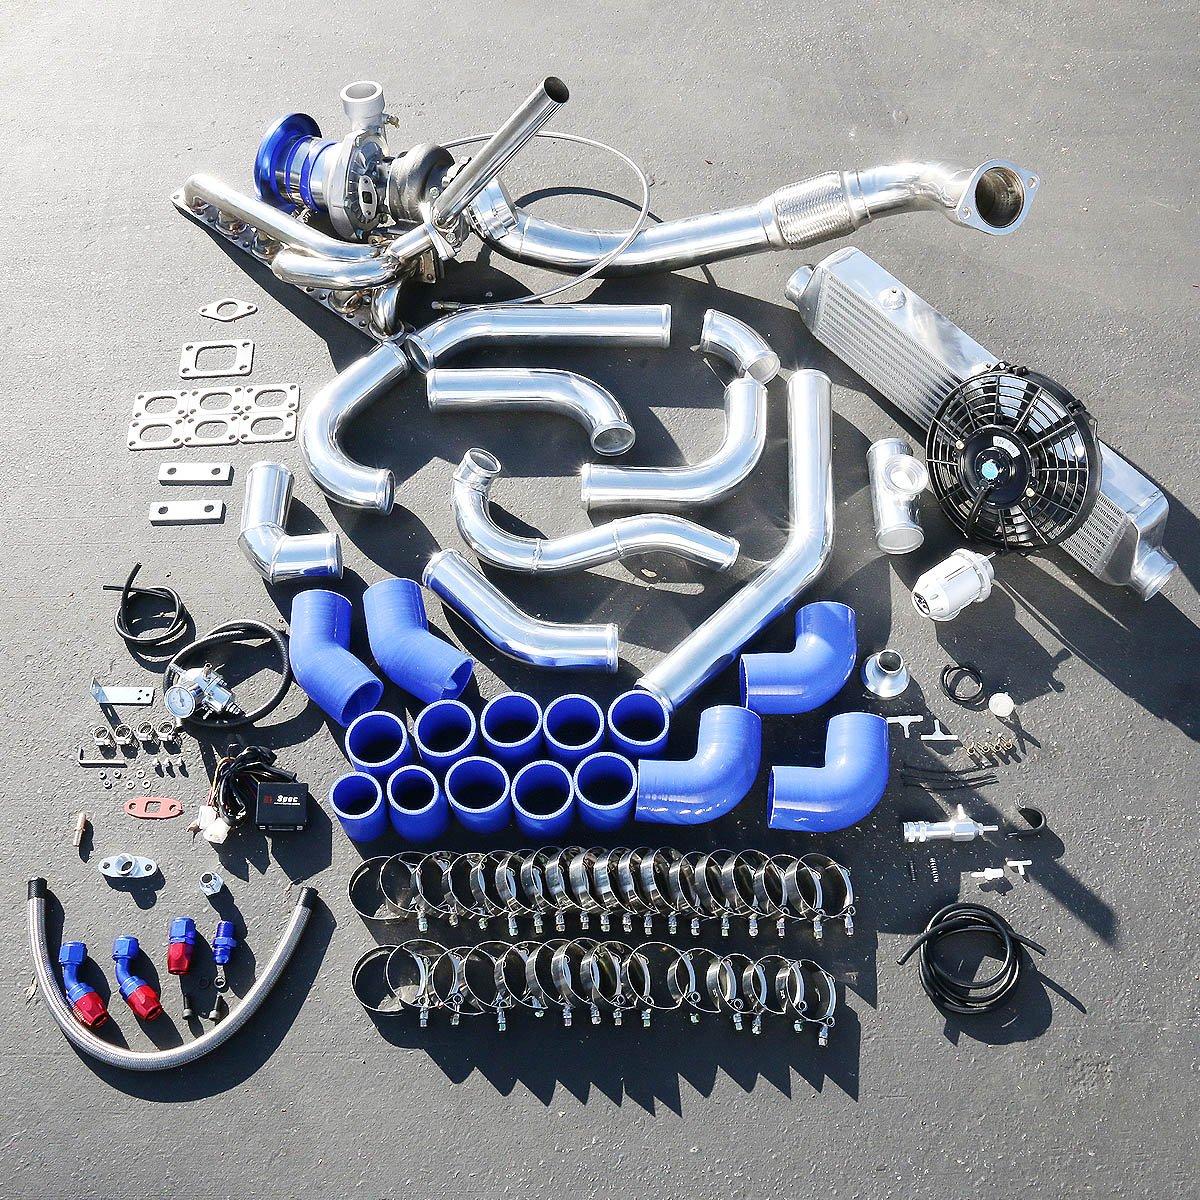 BMW Serie 3 E36 alto rendimiento 15pcs GT35 Turbo Upgrade Kit de instalación: Amazon.es: Coche y moto